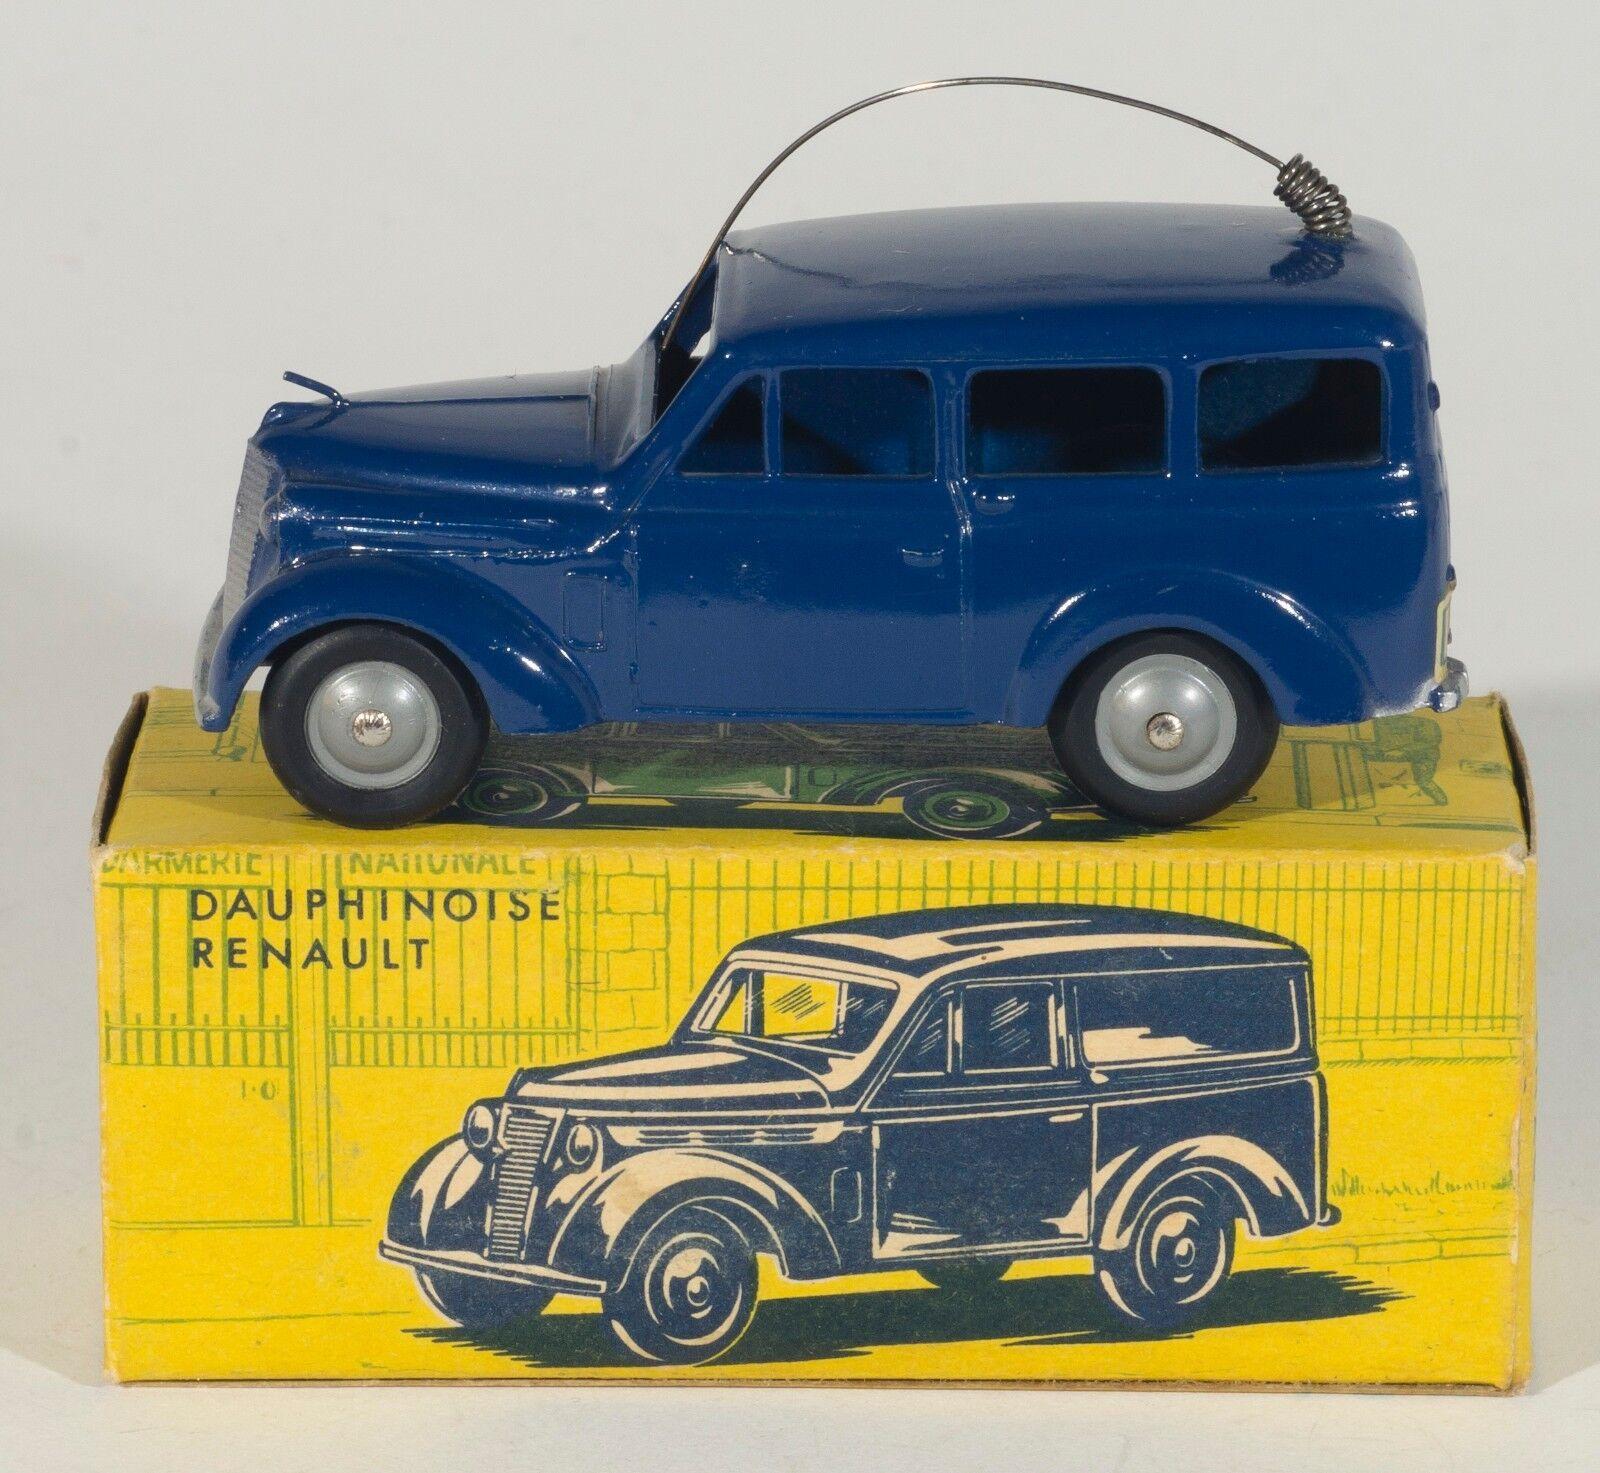 CIJ 3  66 Dauphinoise Renault POSTES Van.DK.Blått.Mint  lådaed.Ursprungliga 1950 -tal